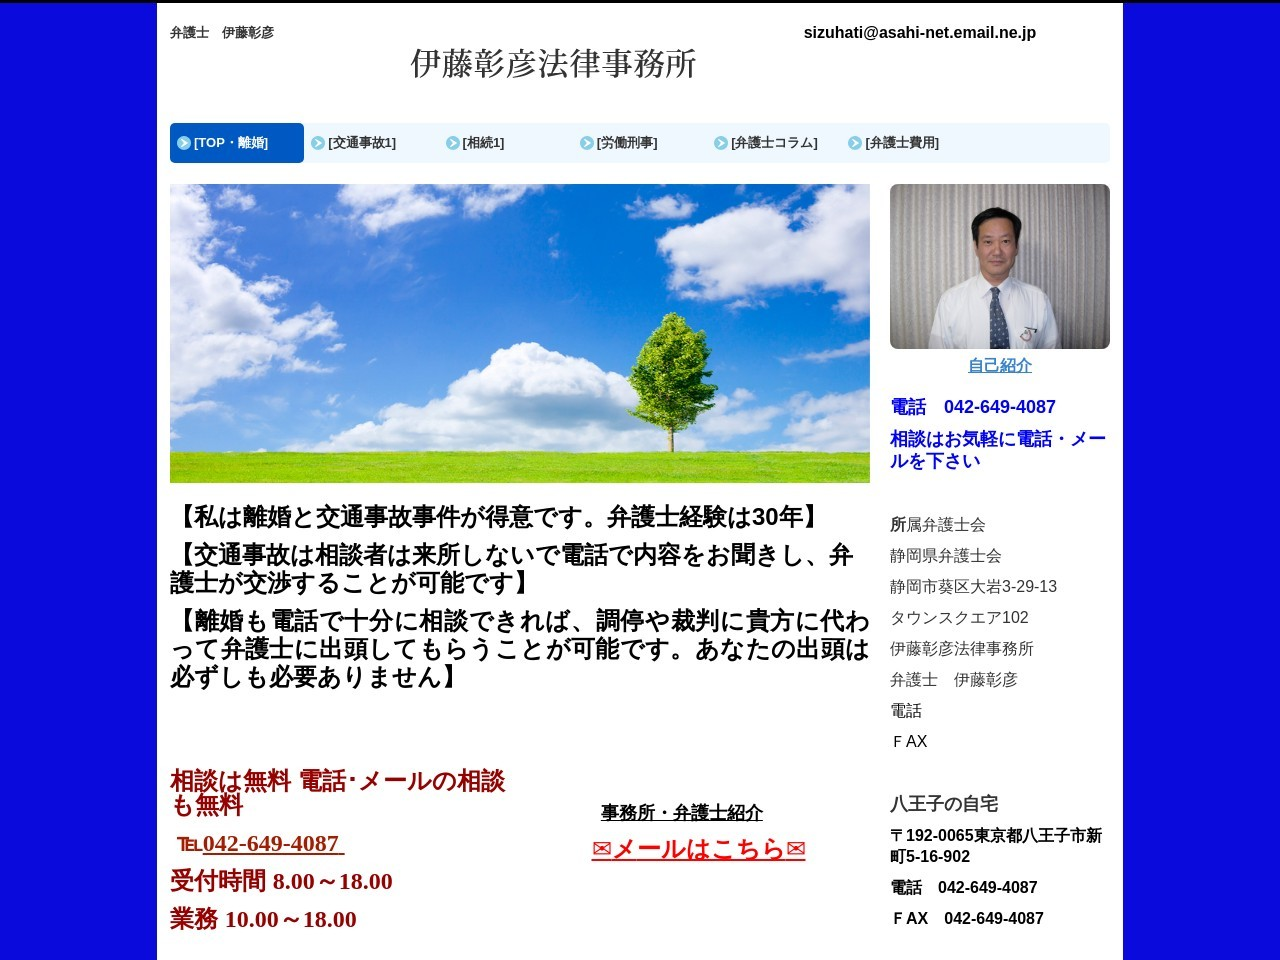 伊藤彰彦法律事務所